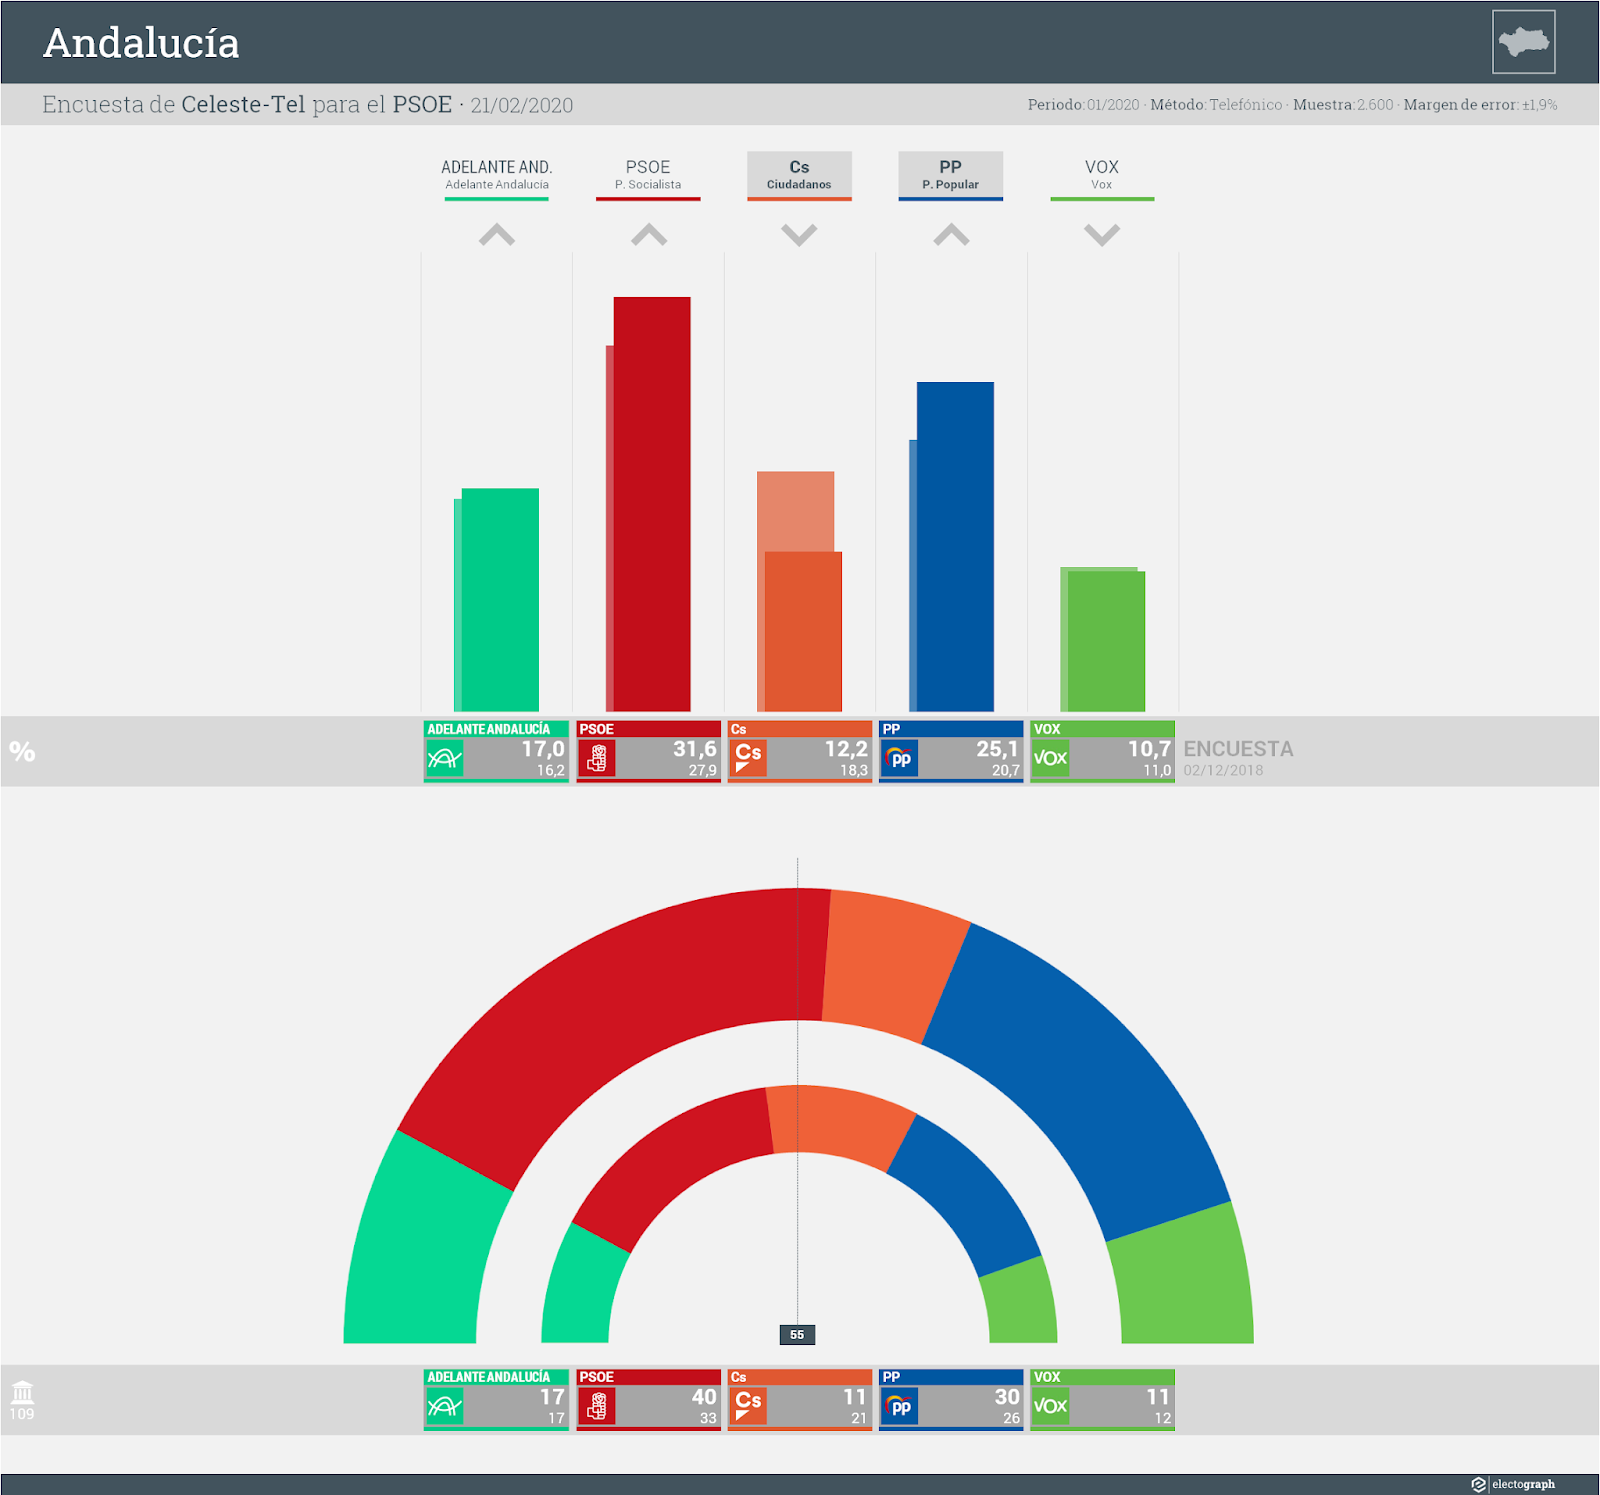 Gráfico de la encuesta para elecciones autonómicas en Andalucía realizada por Celeste-Tel para el PSOE, 21 de febrero de 2020